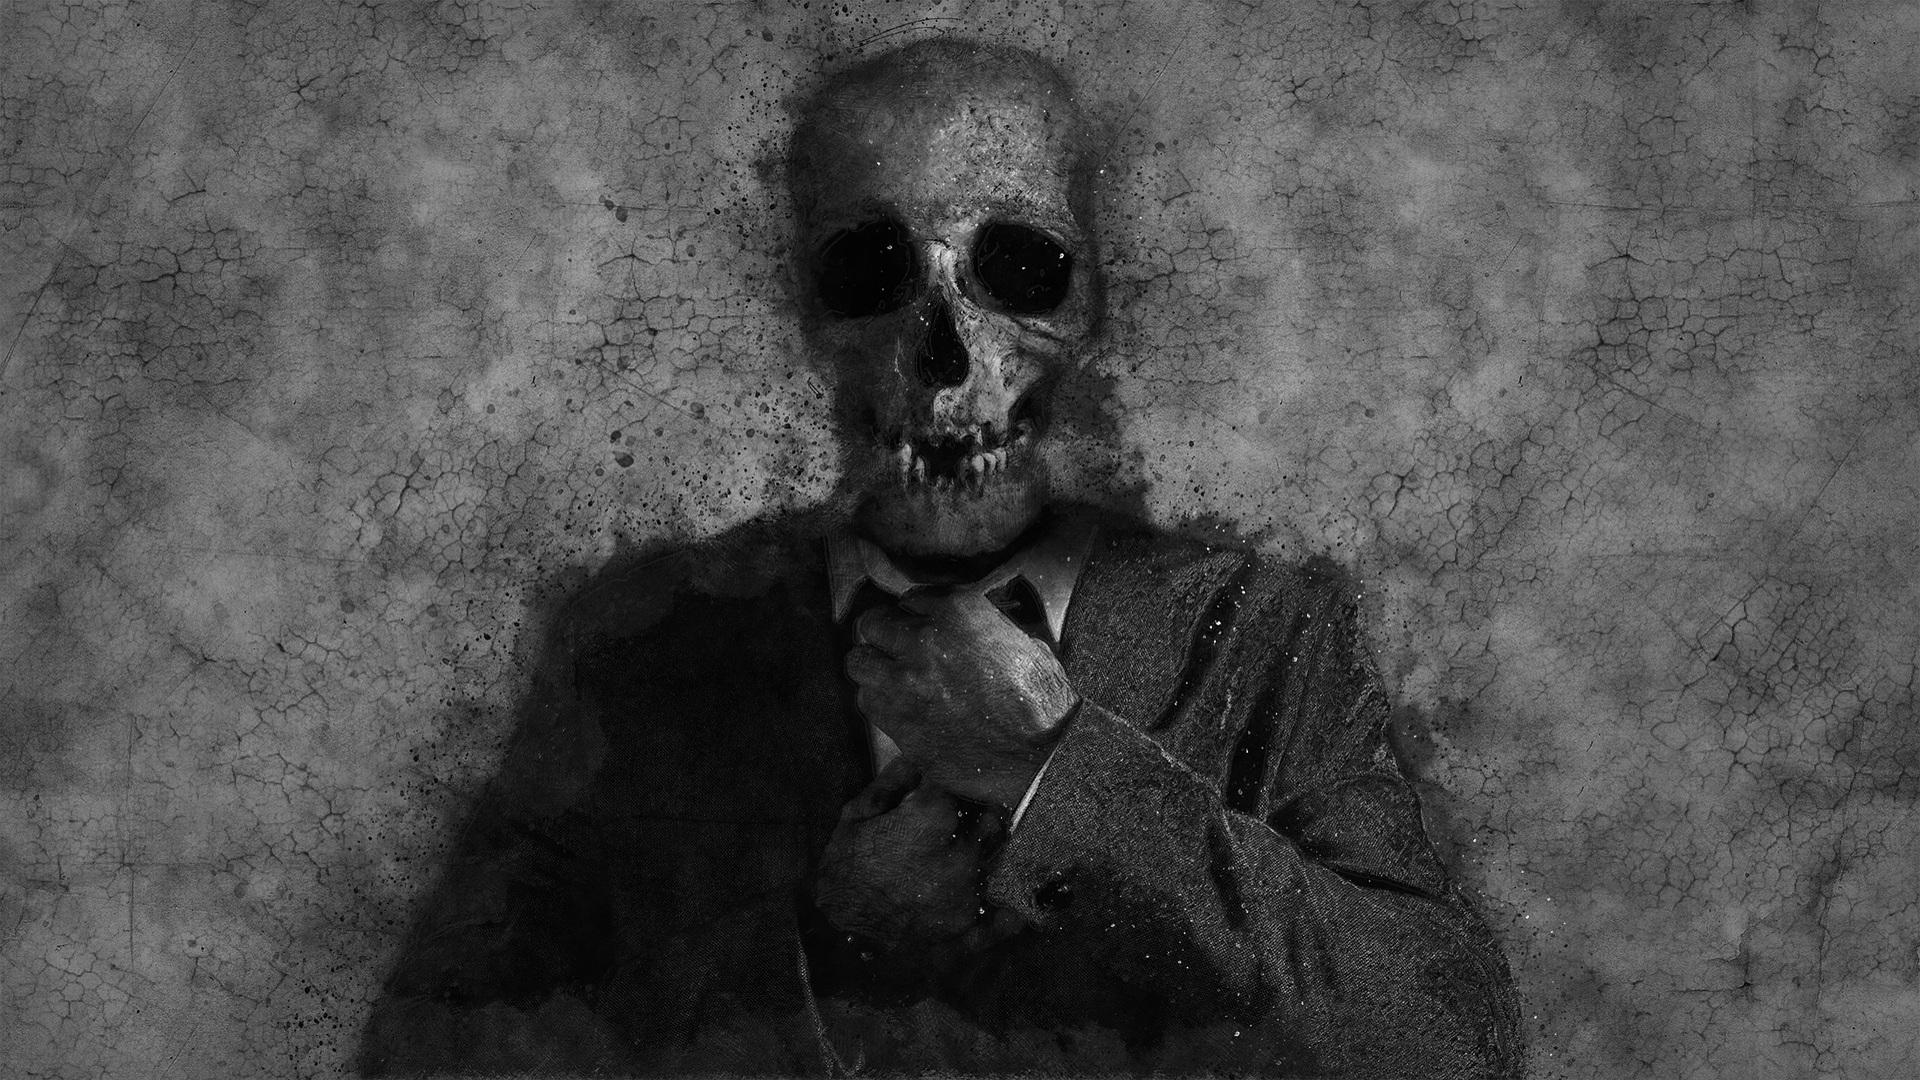 El miedo a la muerte